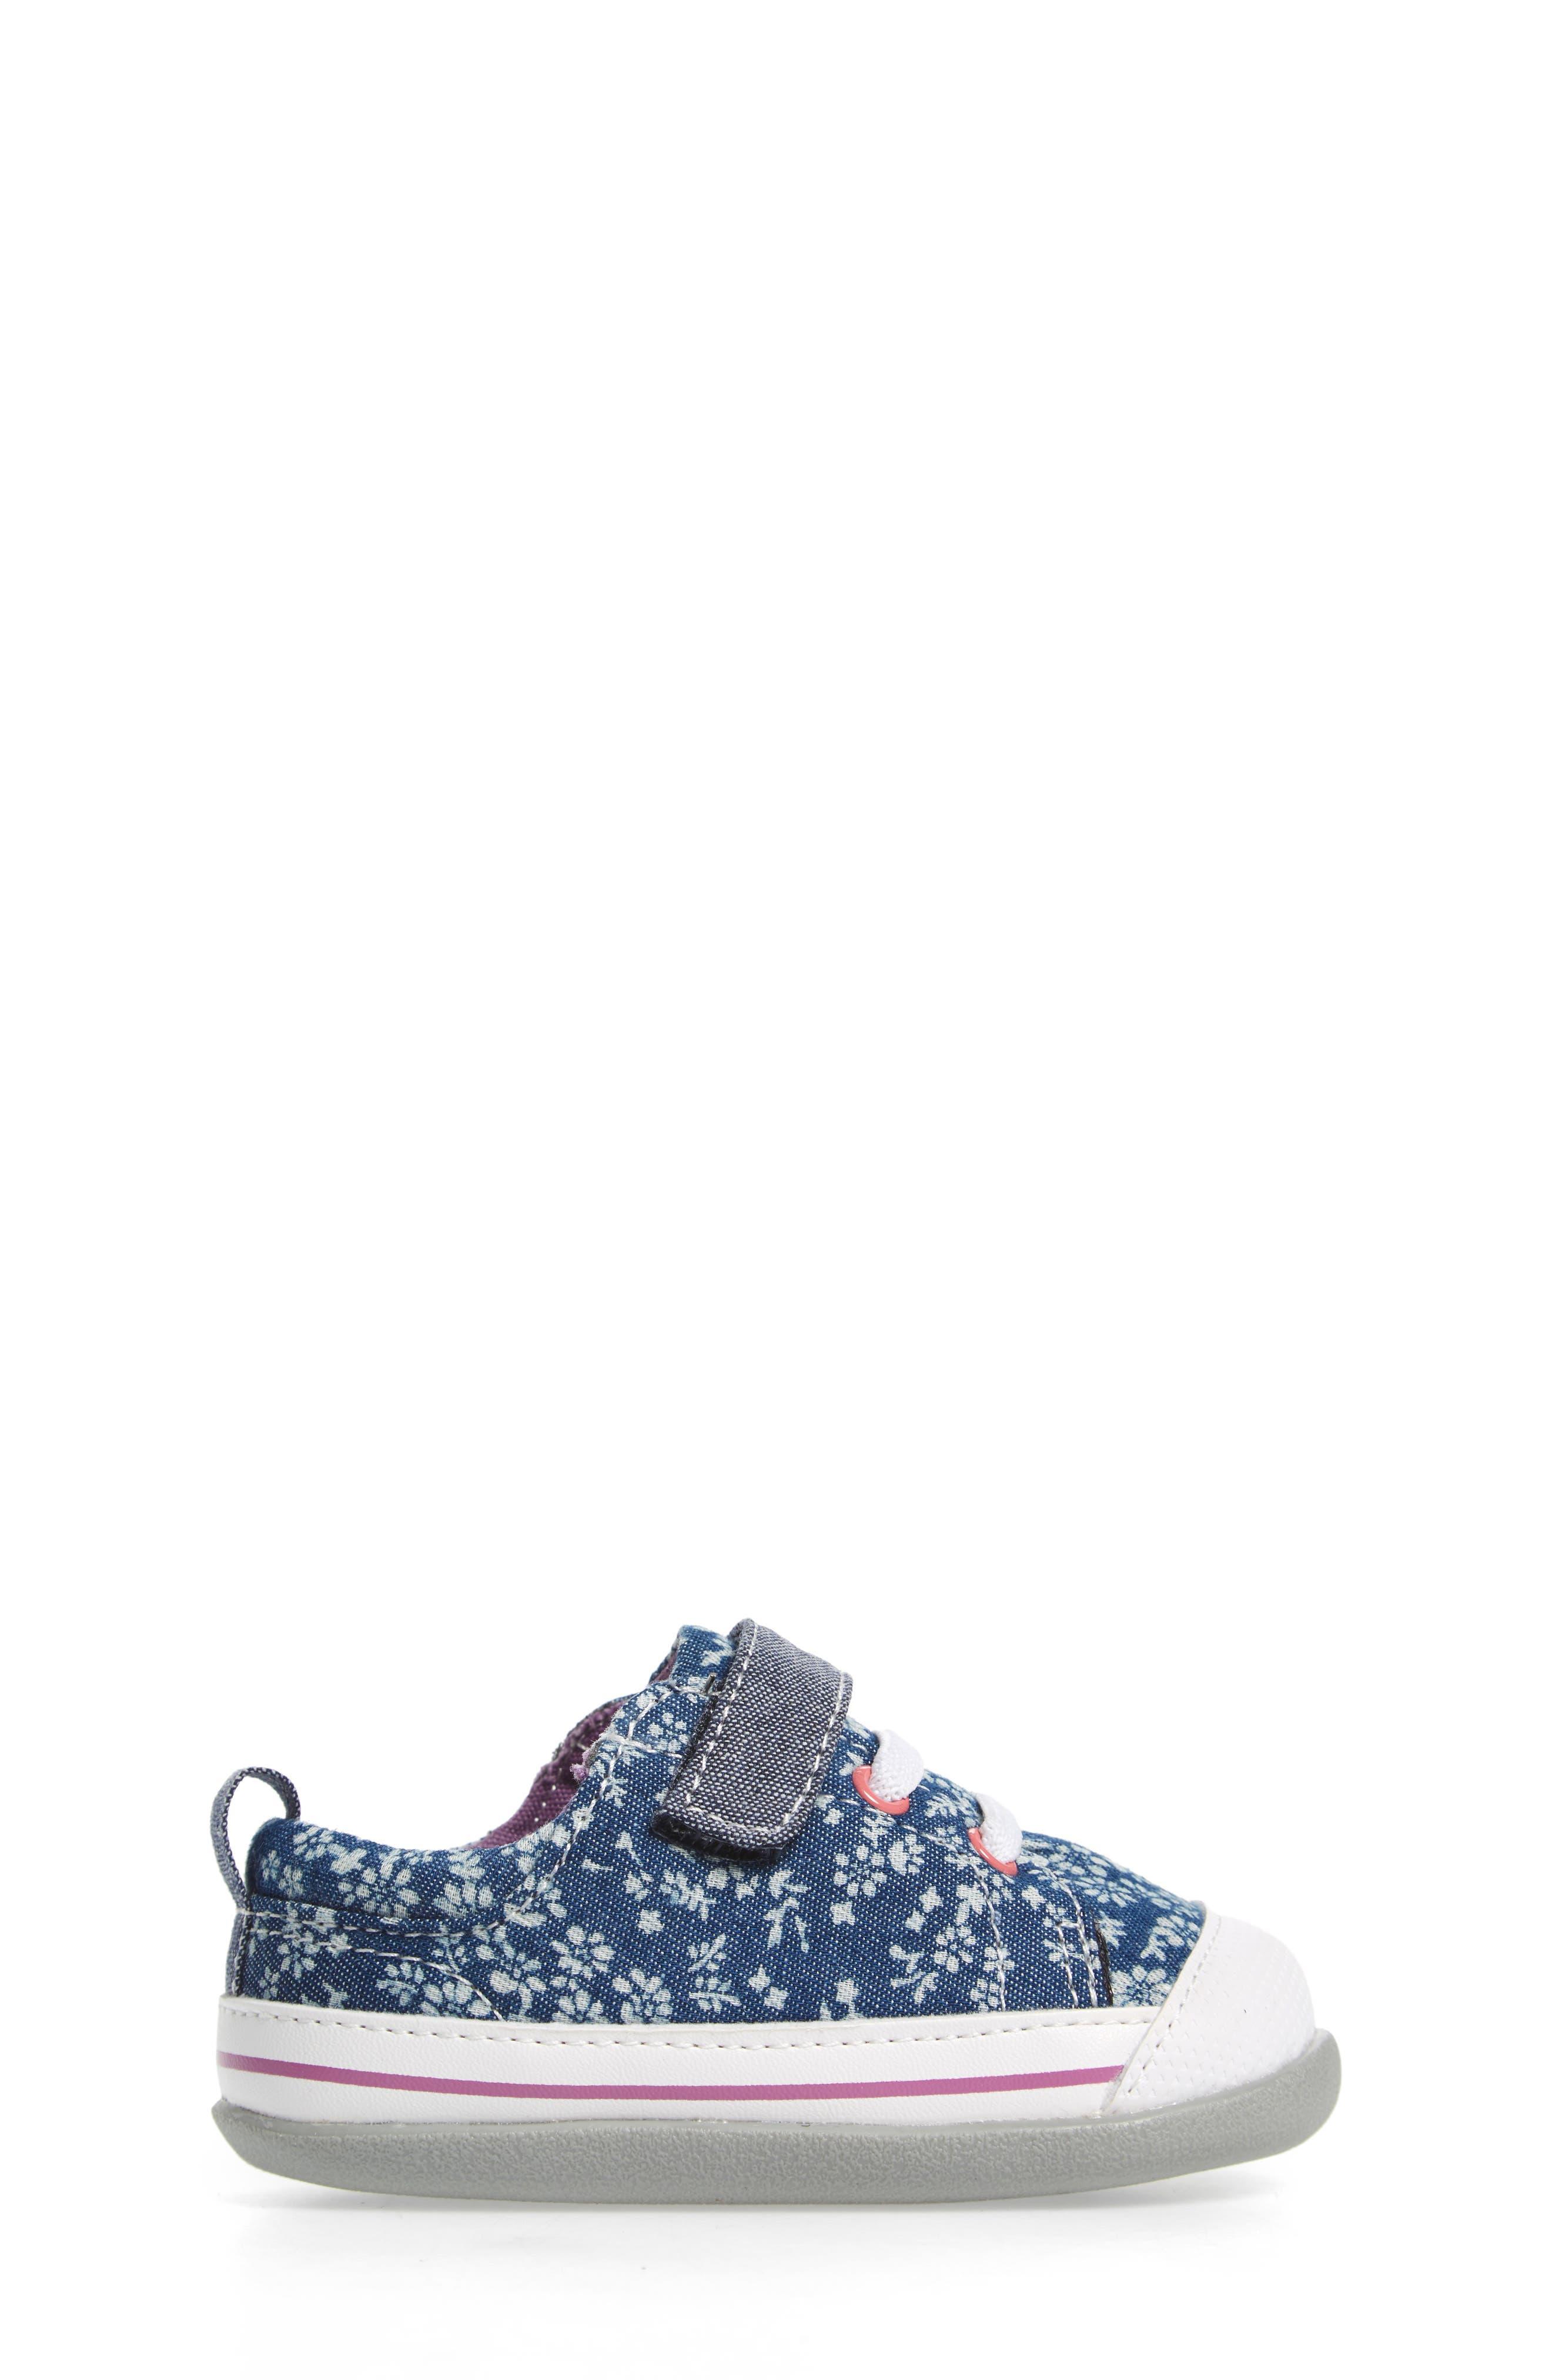 Stevie II Sneaker,                             Alternate thumbnail 3, color,                             BLUE FLOWERS